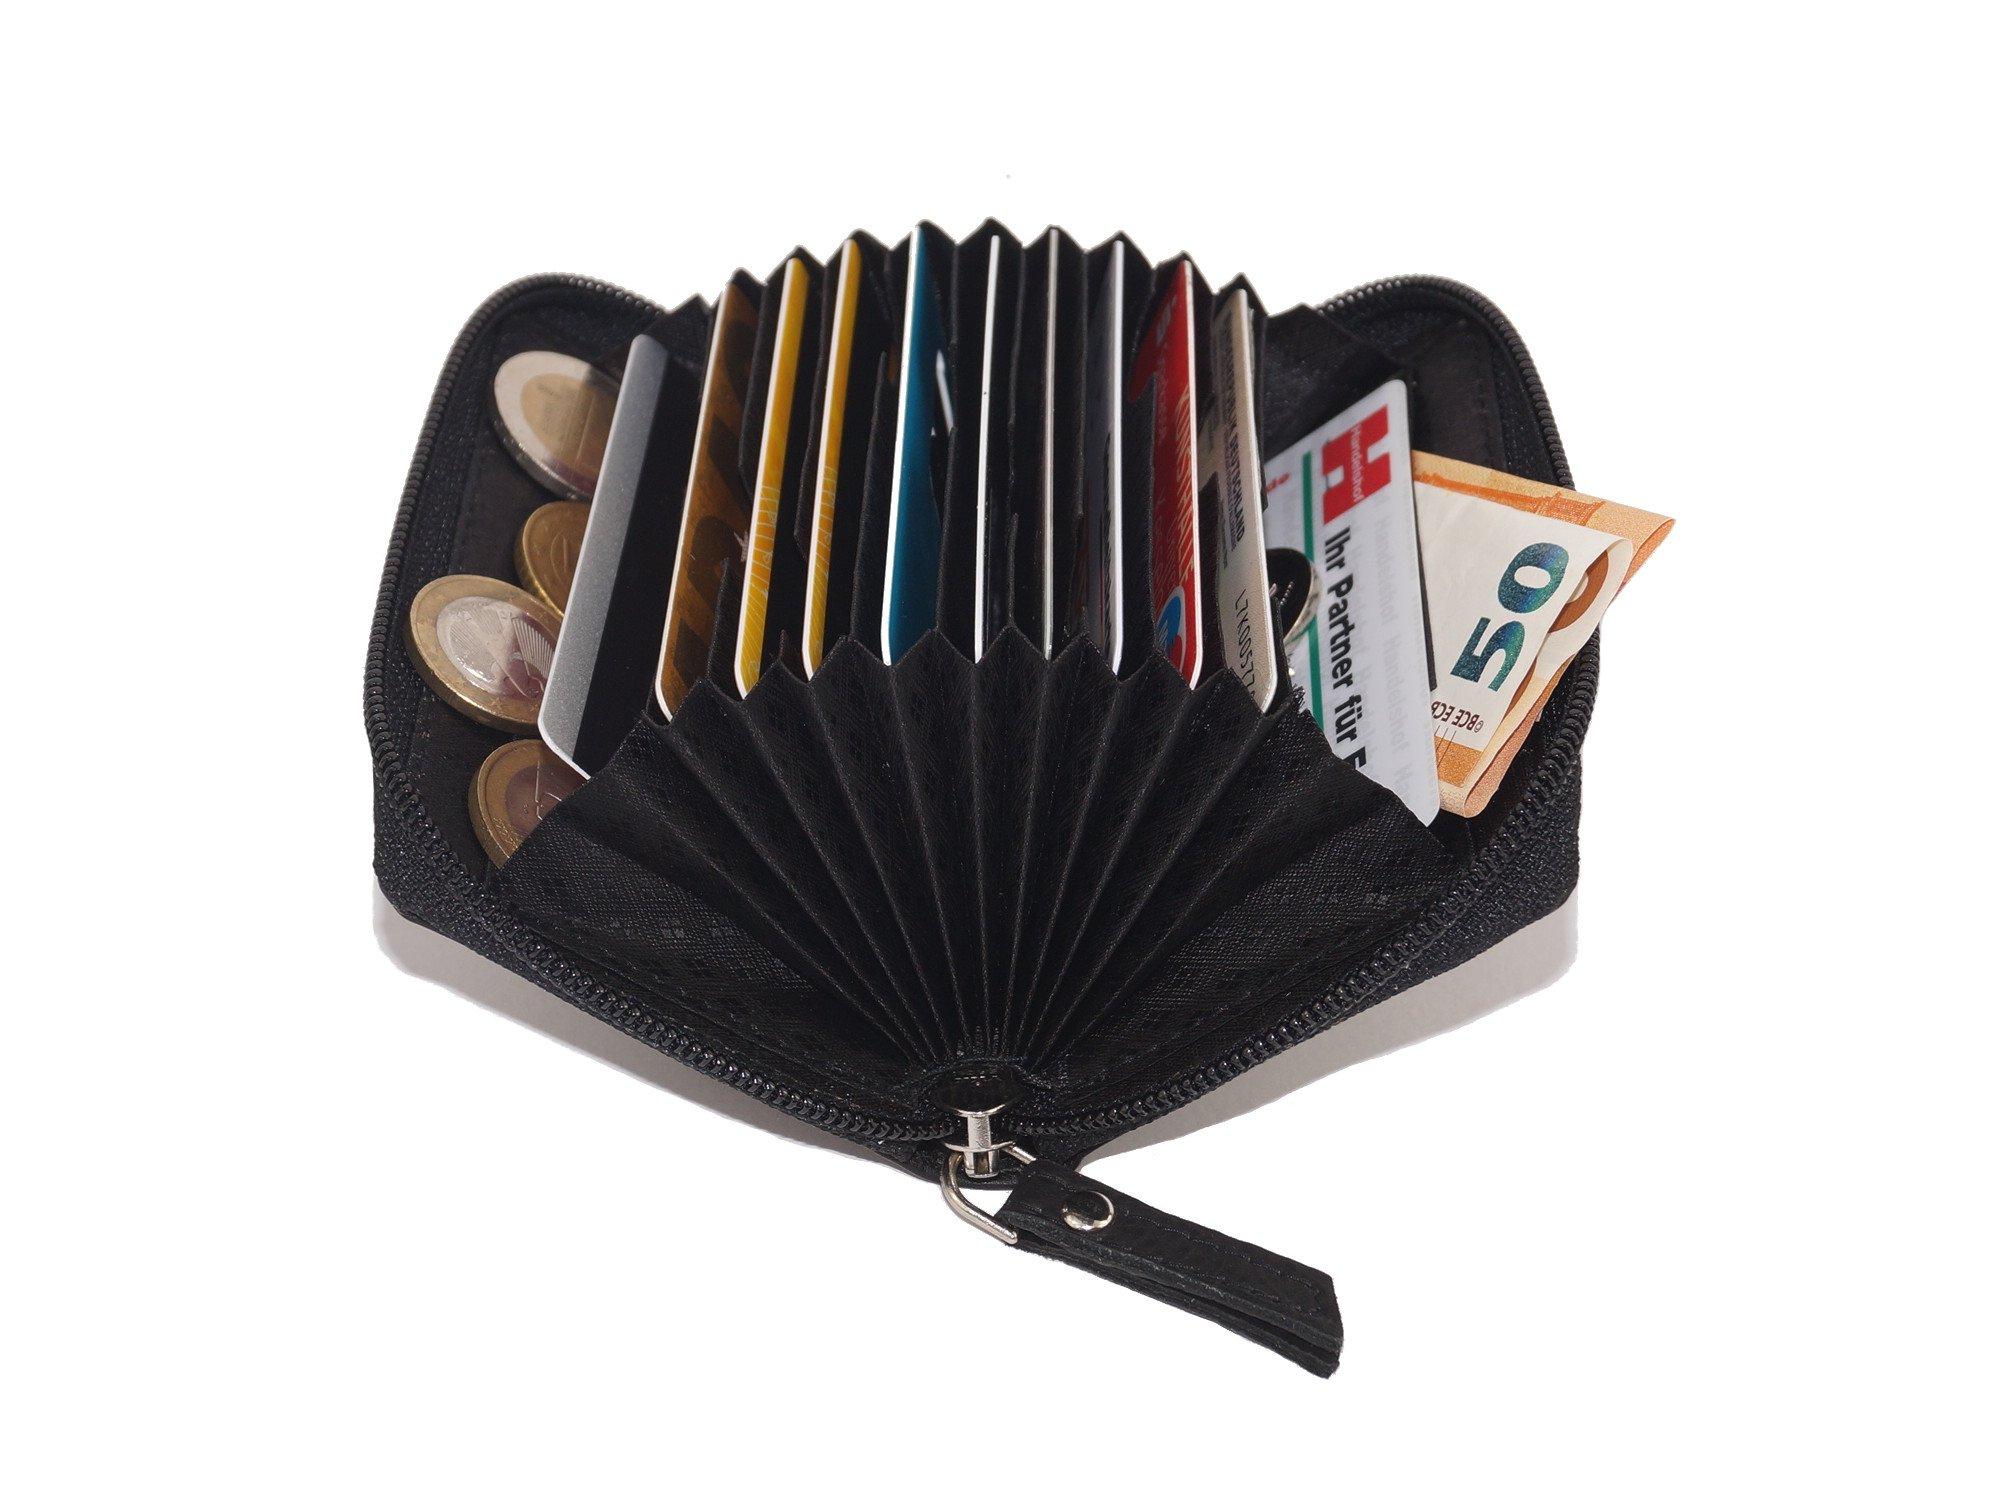 Tarjetero para tarjetas de crédito LEAS, Piel auténtica, negro - LEAS Card